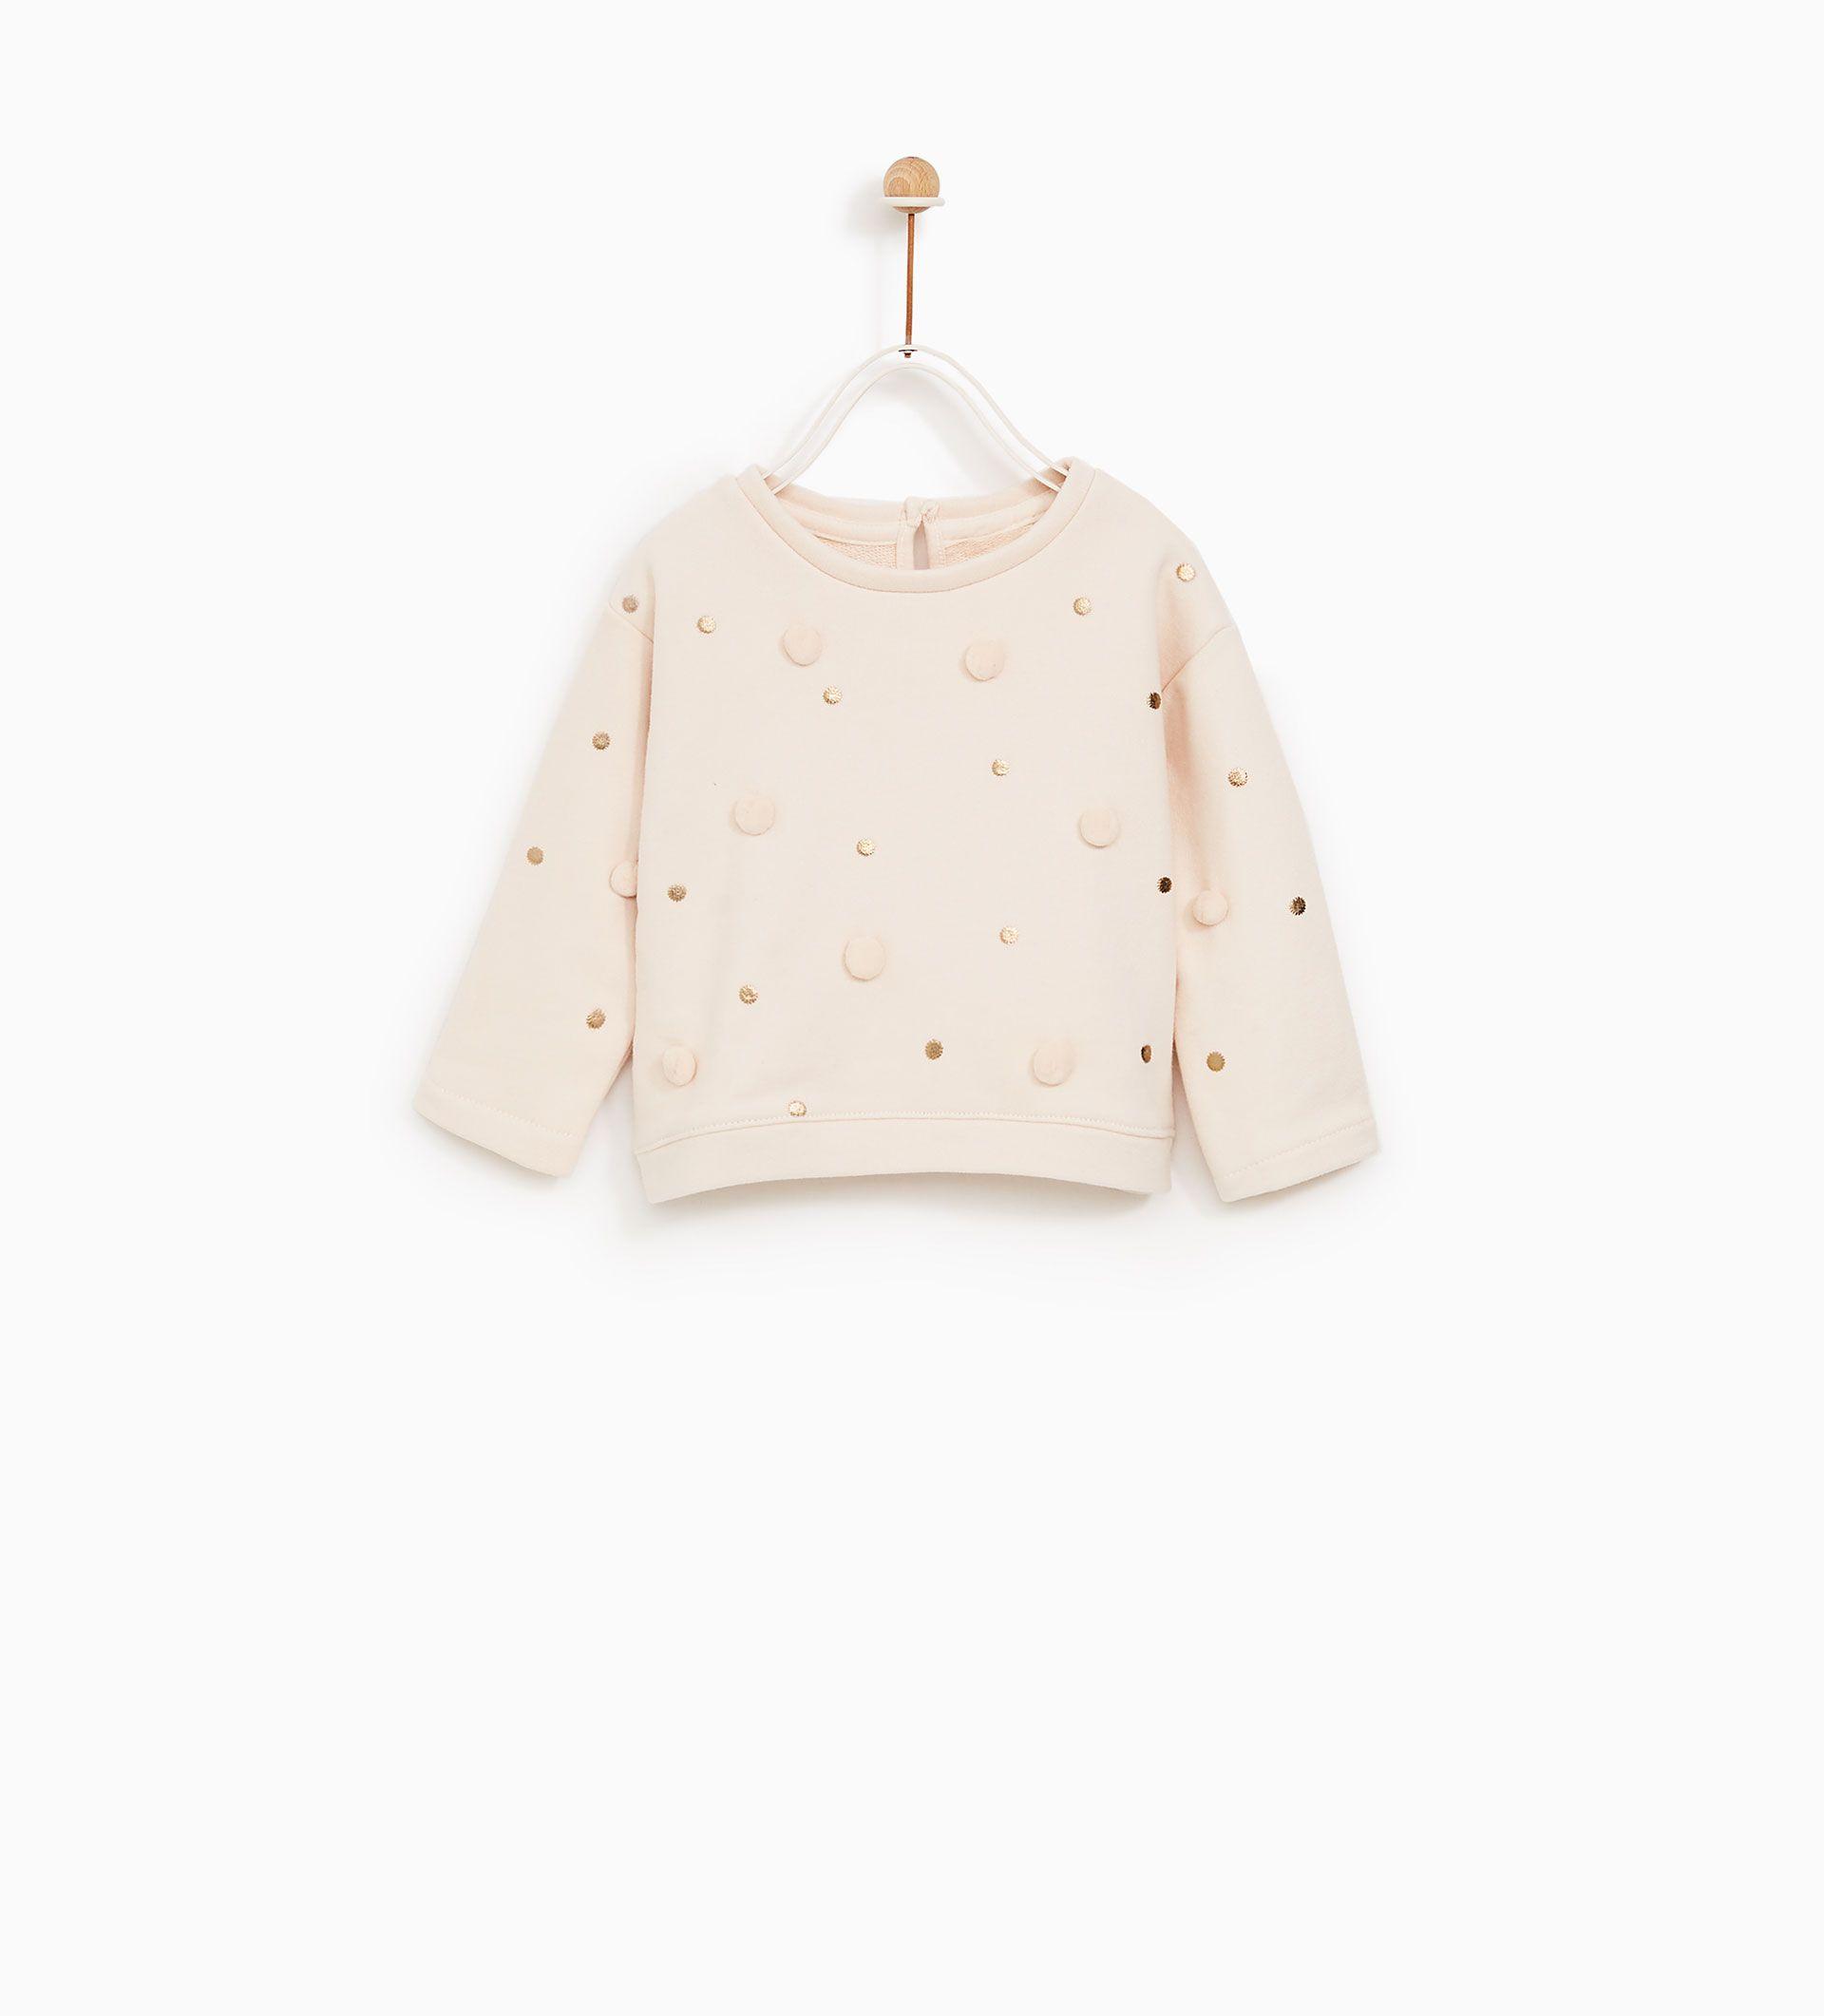 prezzo moderato tecnologie sofisticate molti alla moda Immagine 1 di Felpa pompon di Zara | ELEMENTI BABY | Vestiti ...